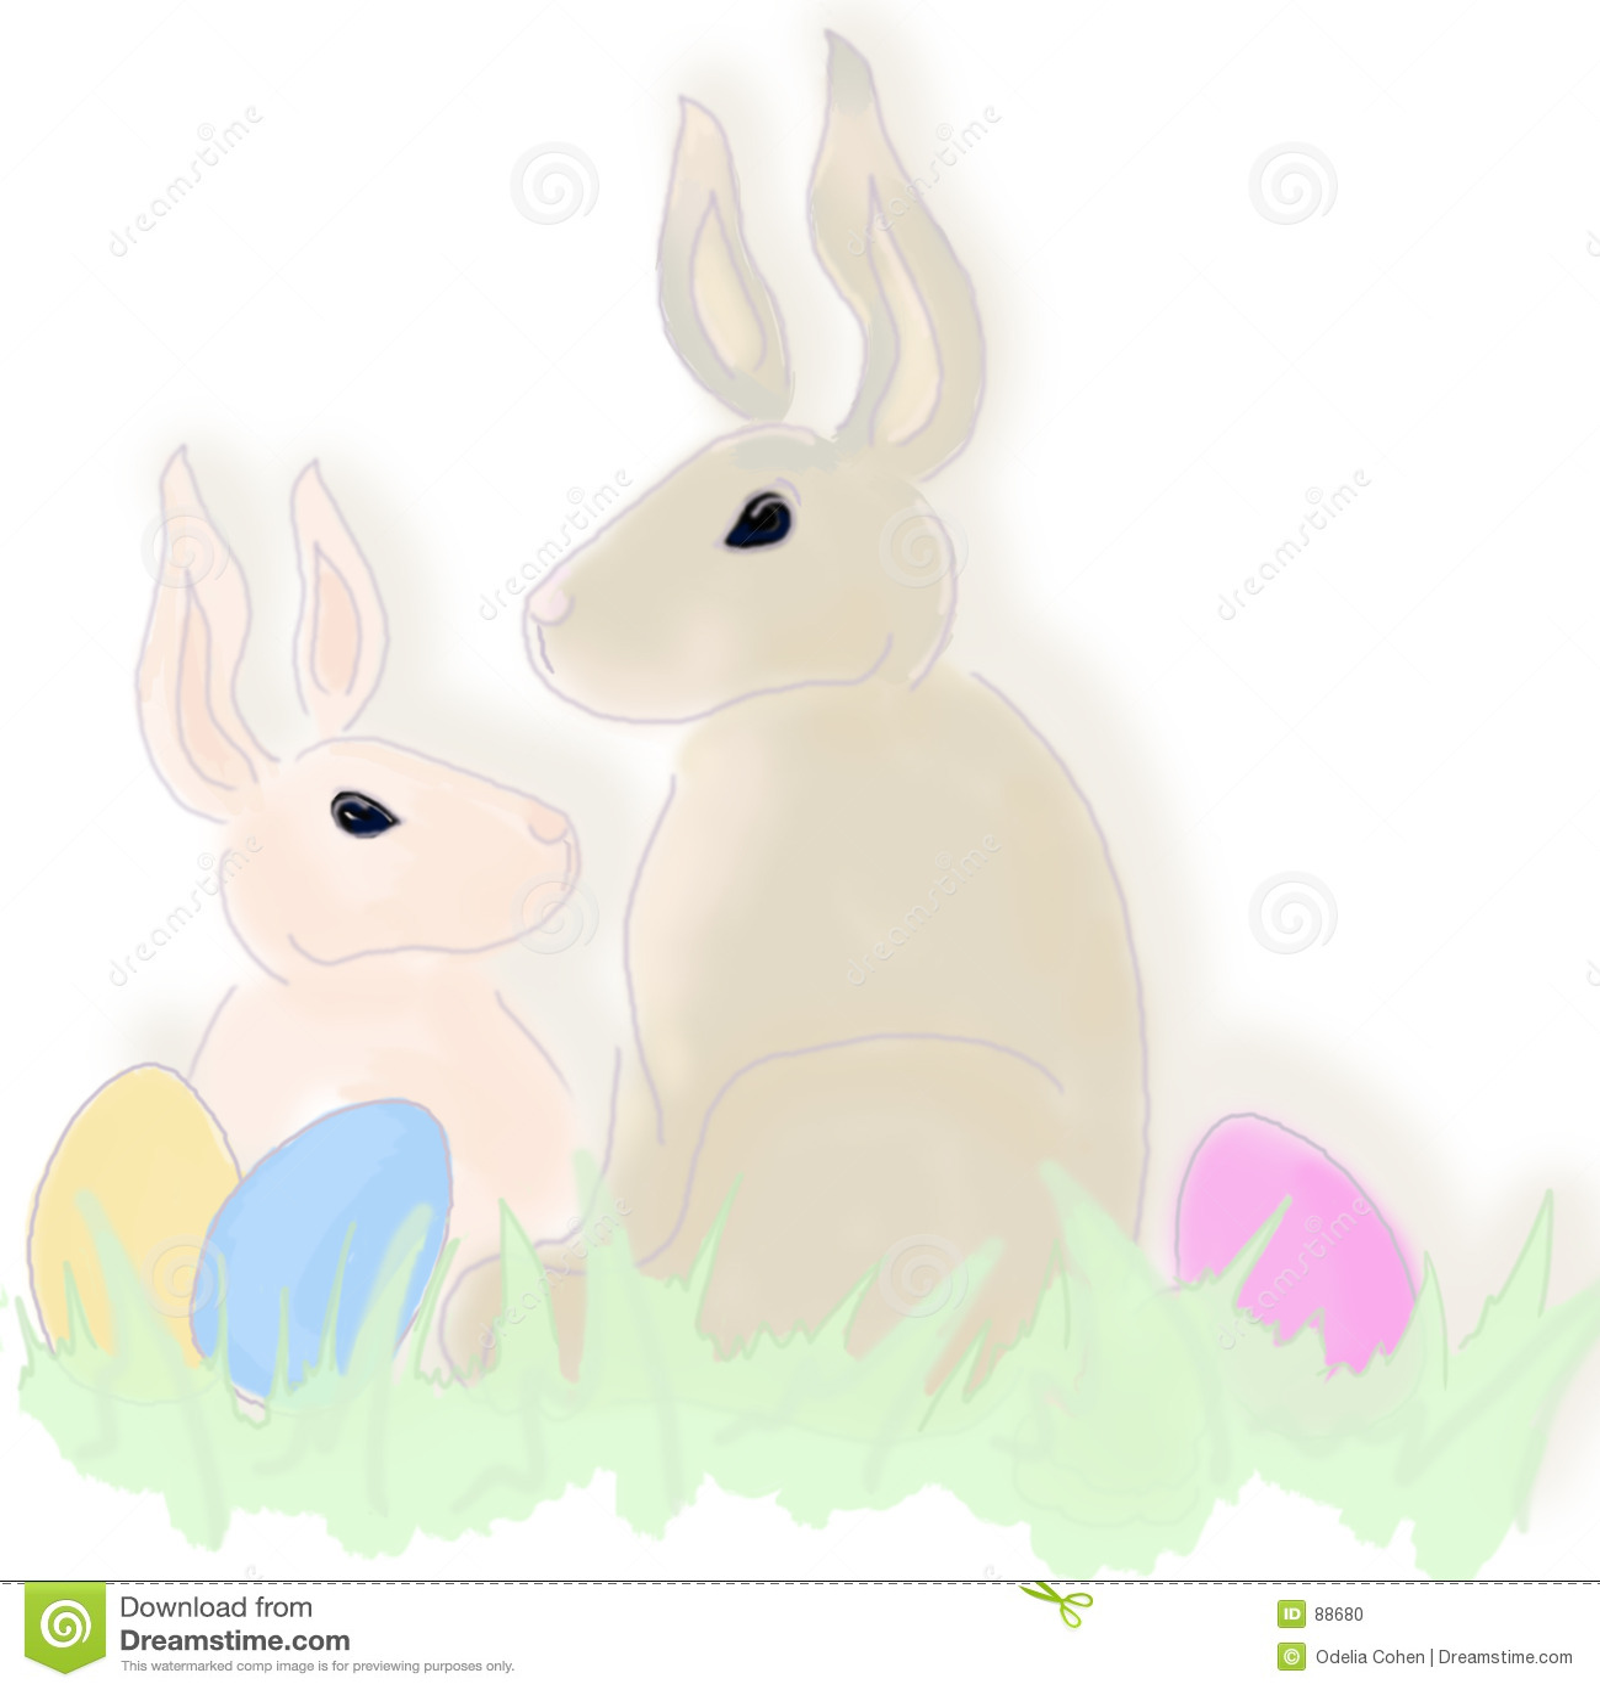 Wielkanoc ilustracja